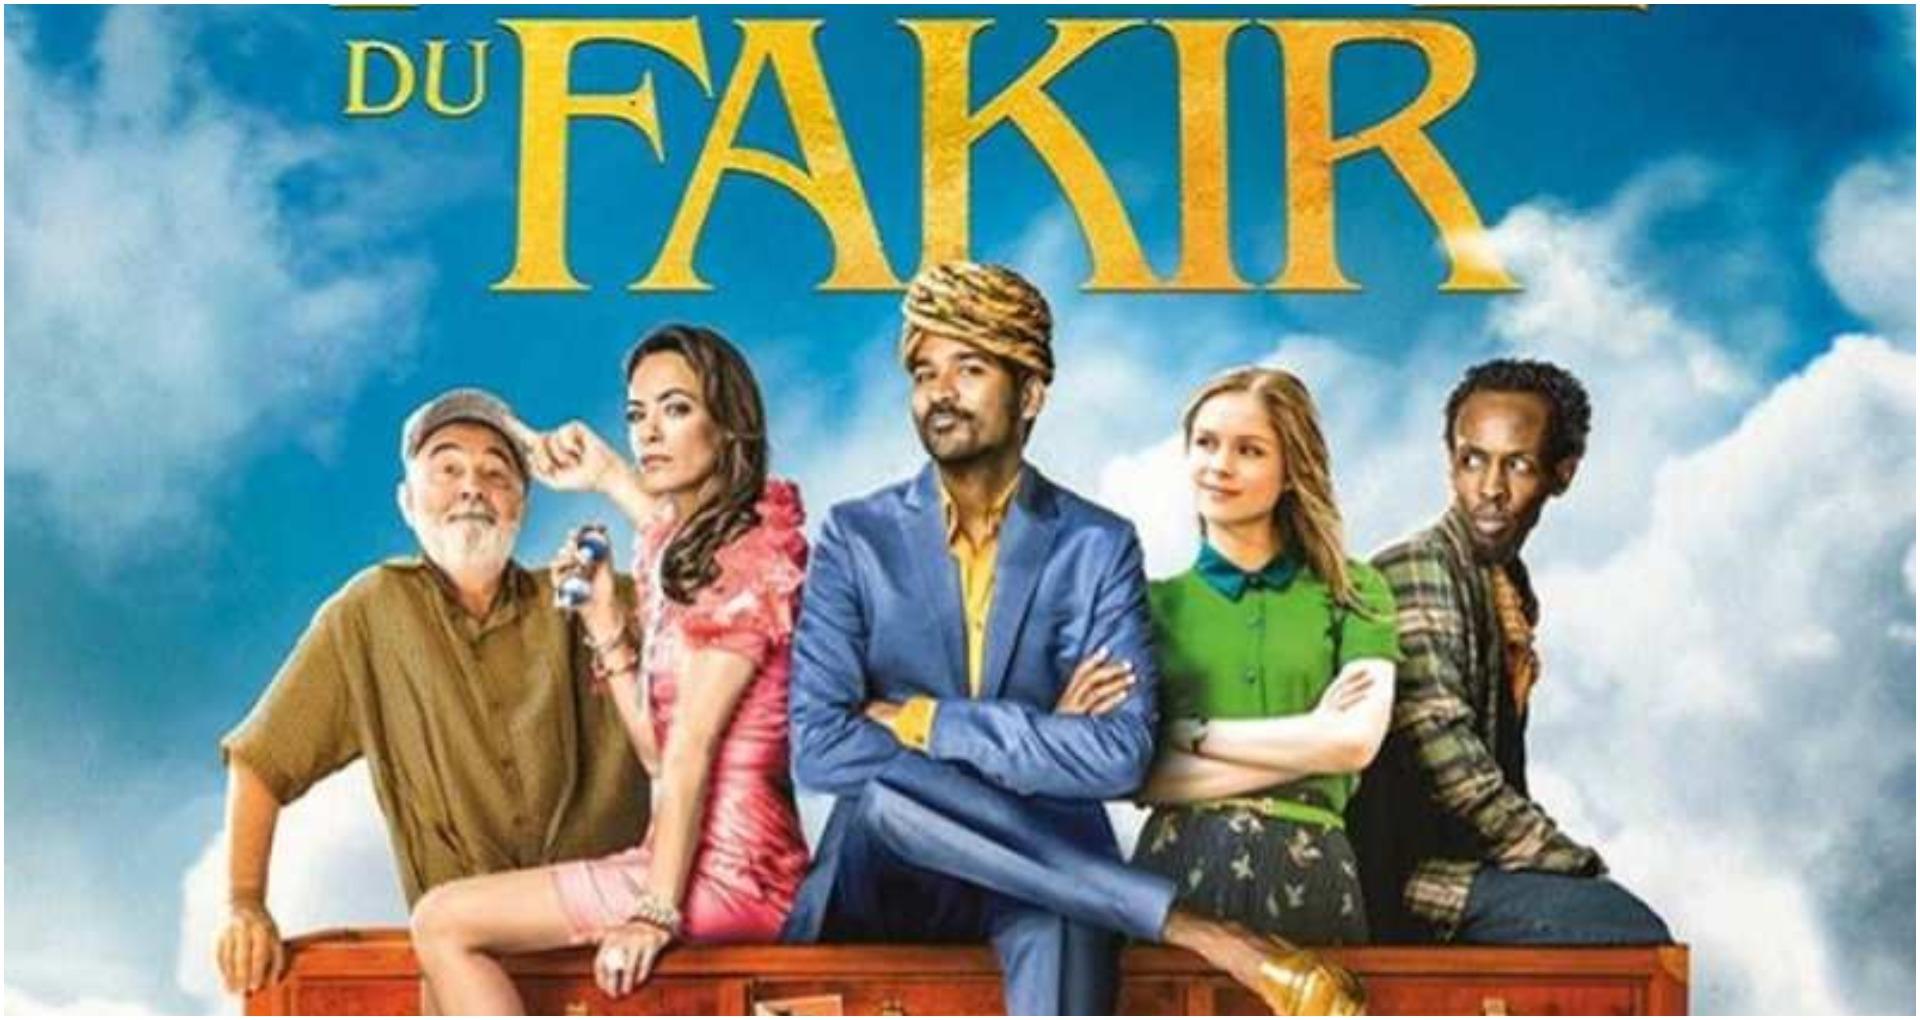 Fakir Movie Review: धनुष की लाजवाब एक्टिंग, बैकग्राउंड स्कोर और सिनेमेटोग्राफी का अनोखा मिलन है फकीर फिल्म